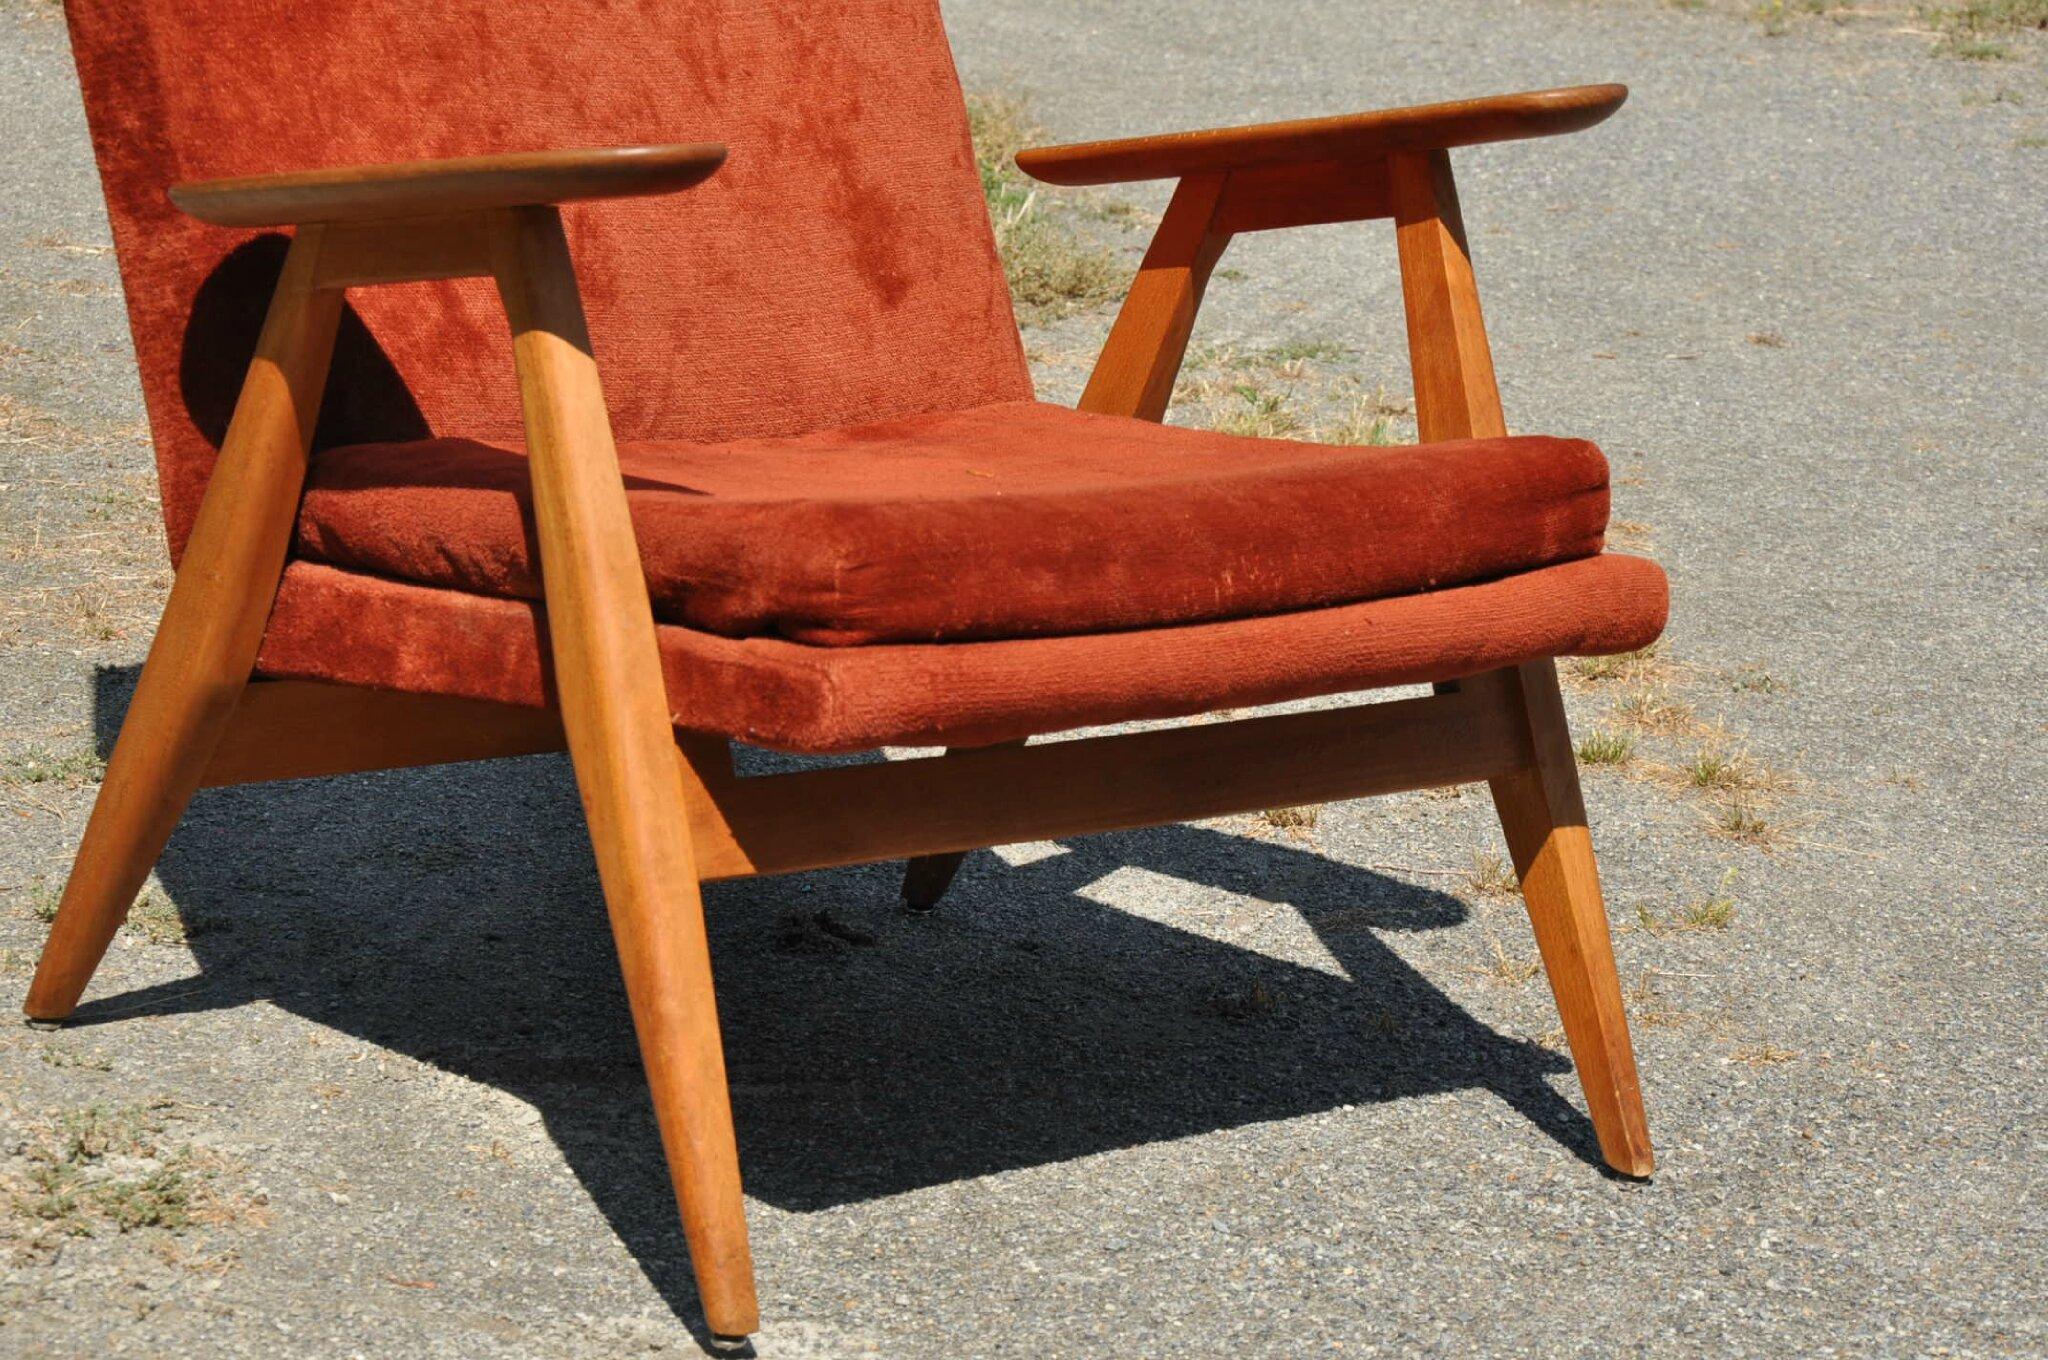 Fauteuil pierre guariche article vendu antiquit s du vingti me - Pierre guariche fauteuil ...